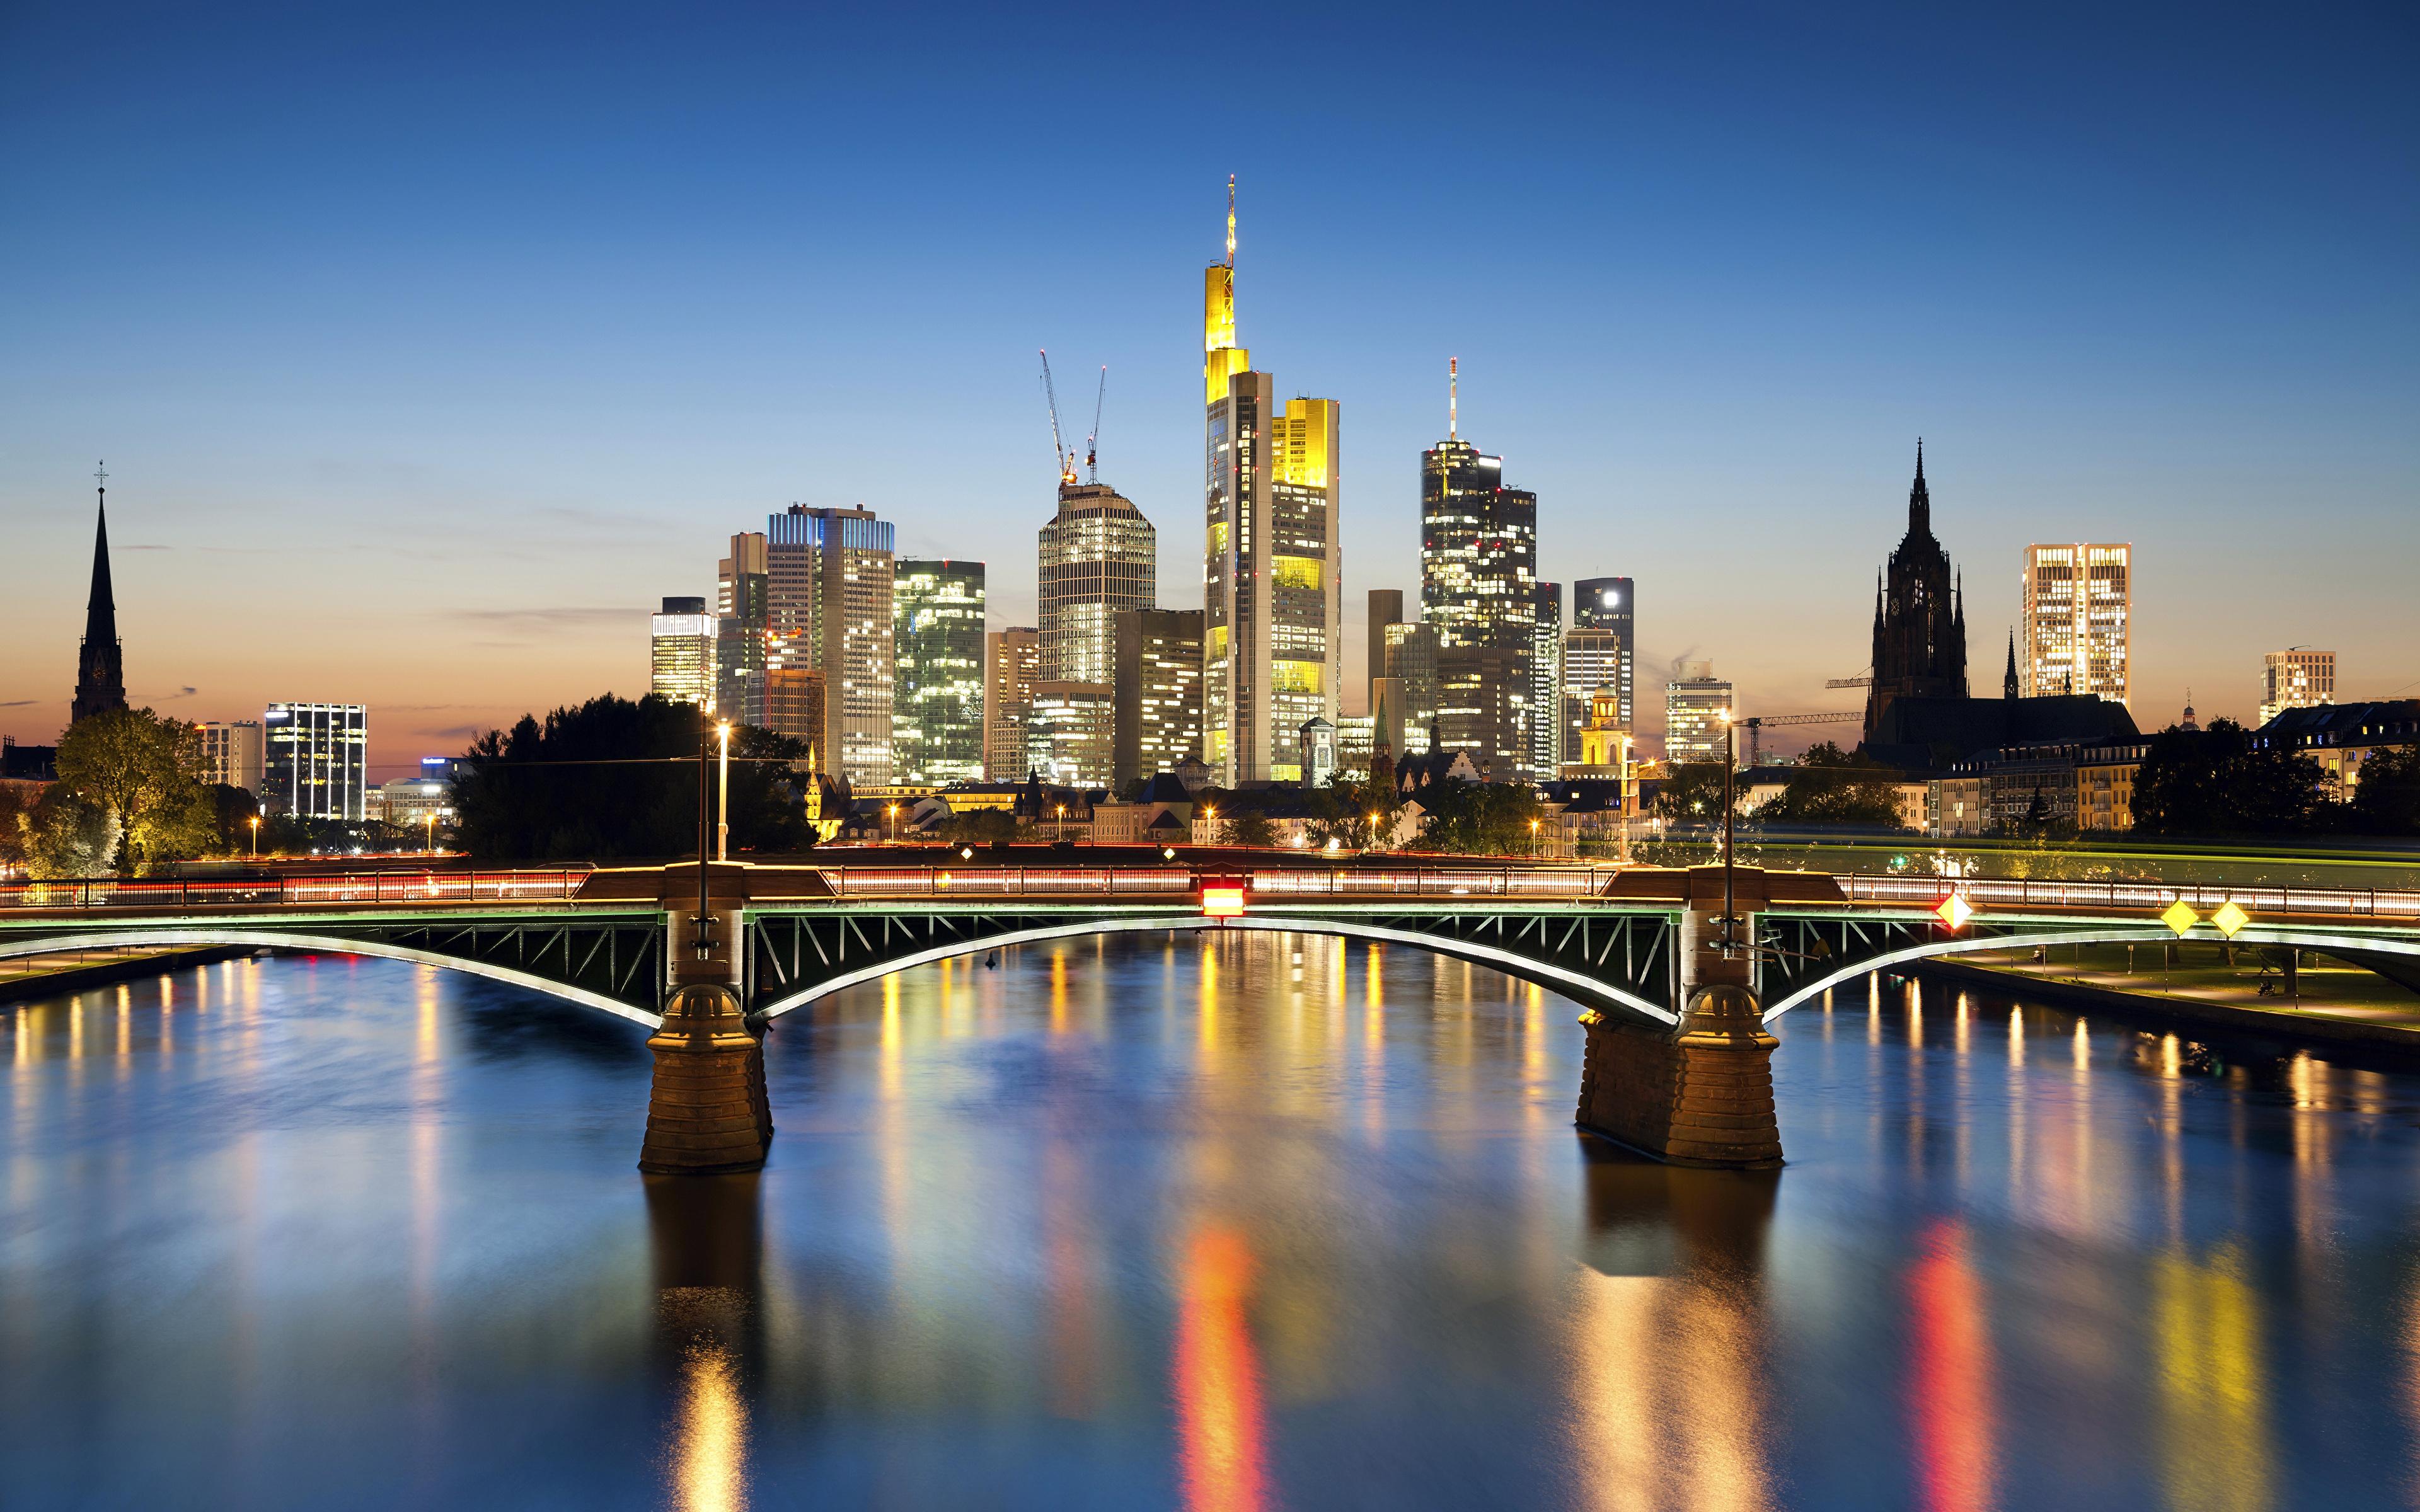 страны архитектура вечер город Франкфурт-на-Майне Германия  № 155565  скачать